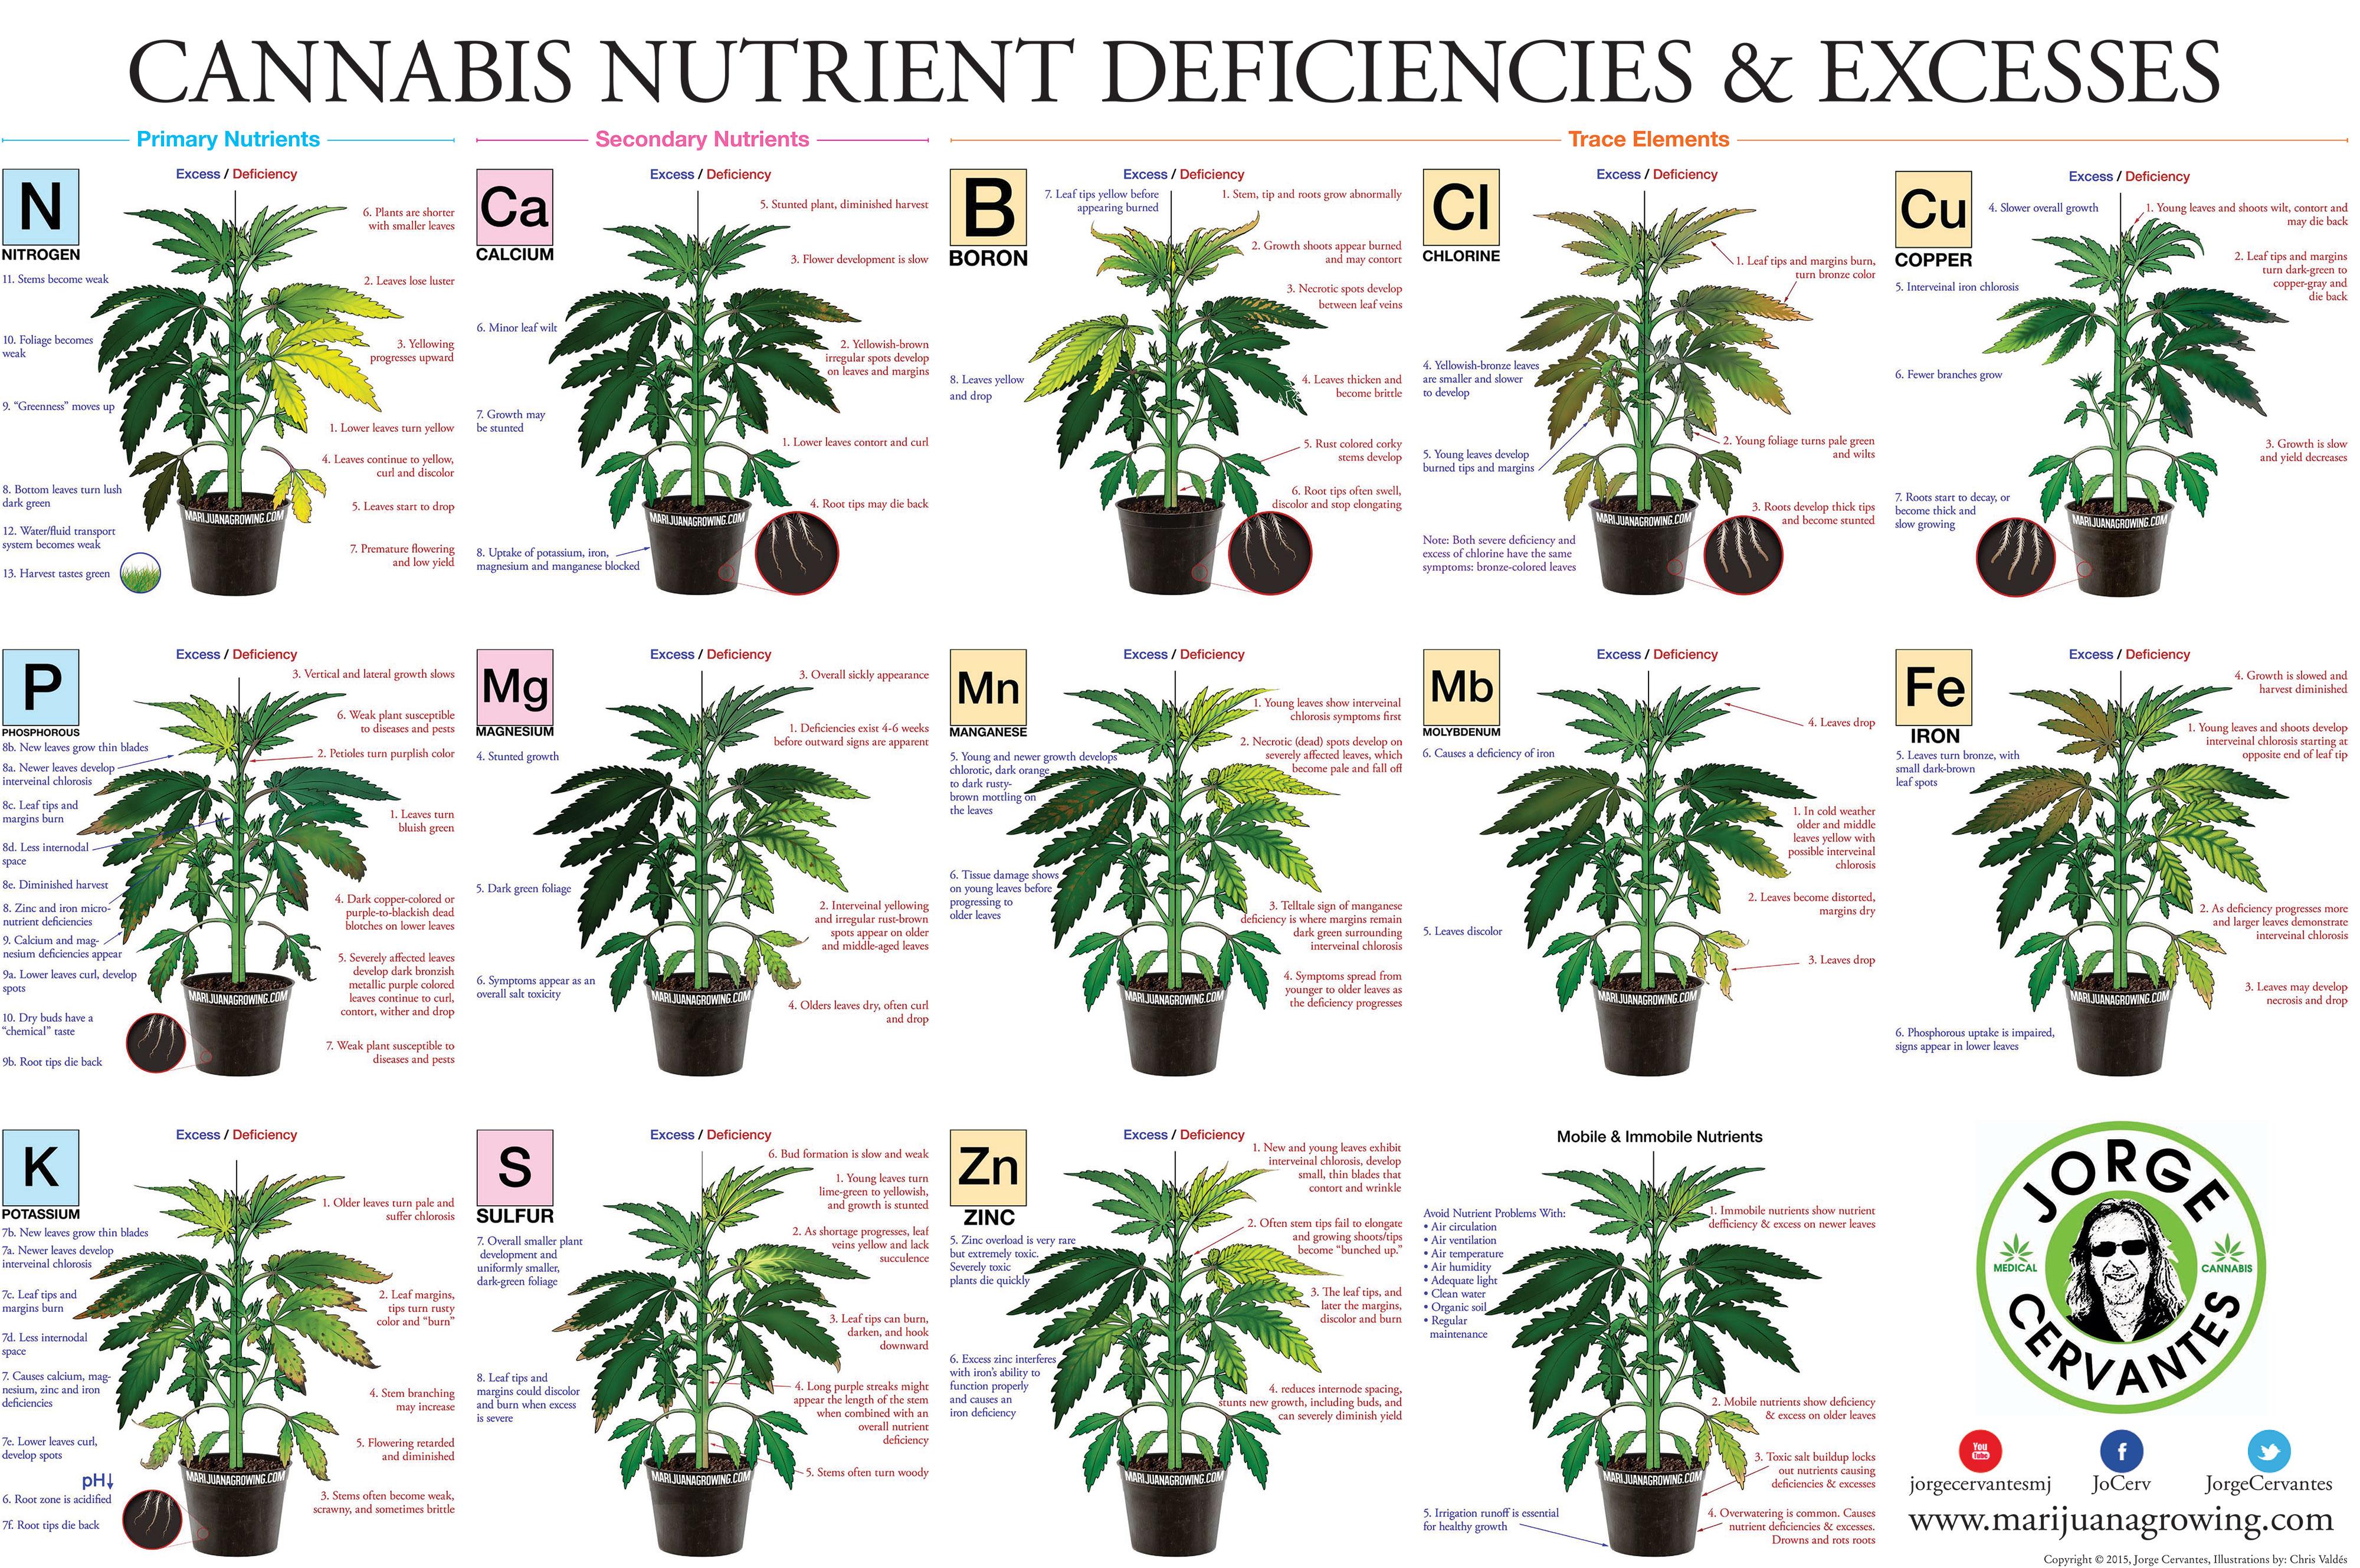 tabla de carnecias y excesos marihuana y cannabis